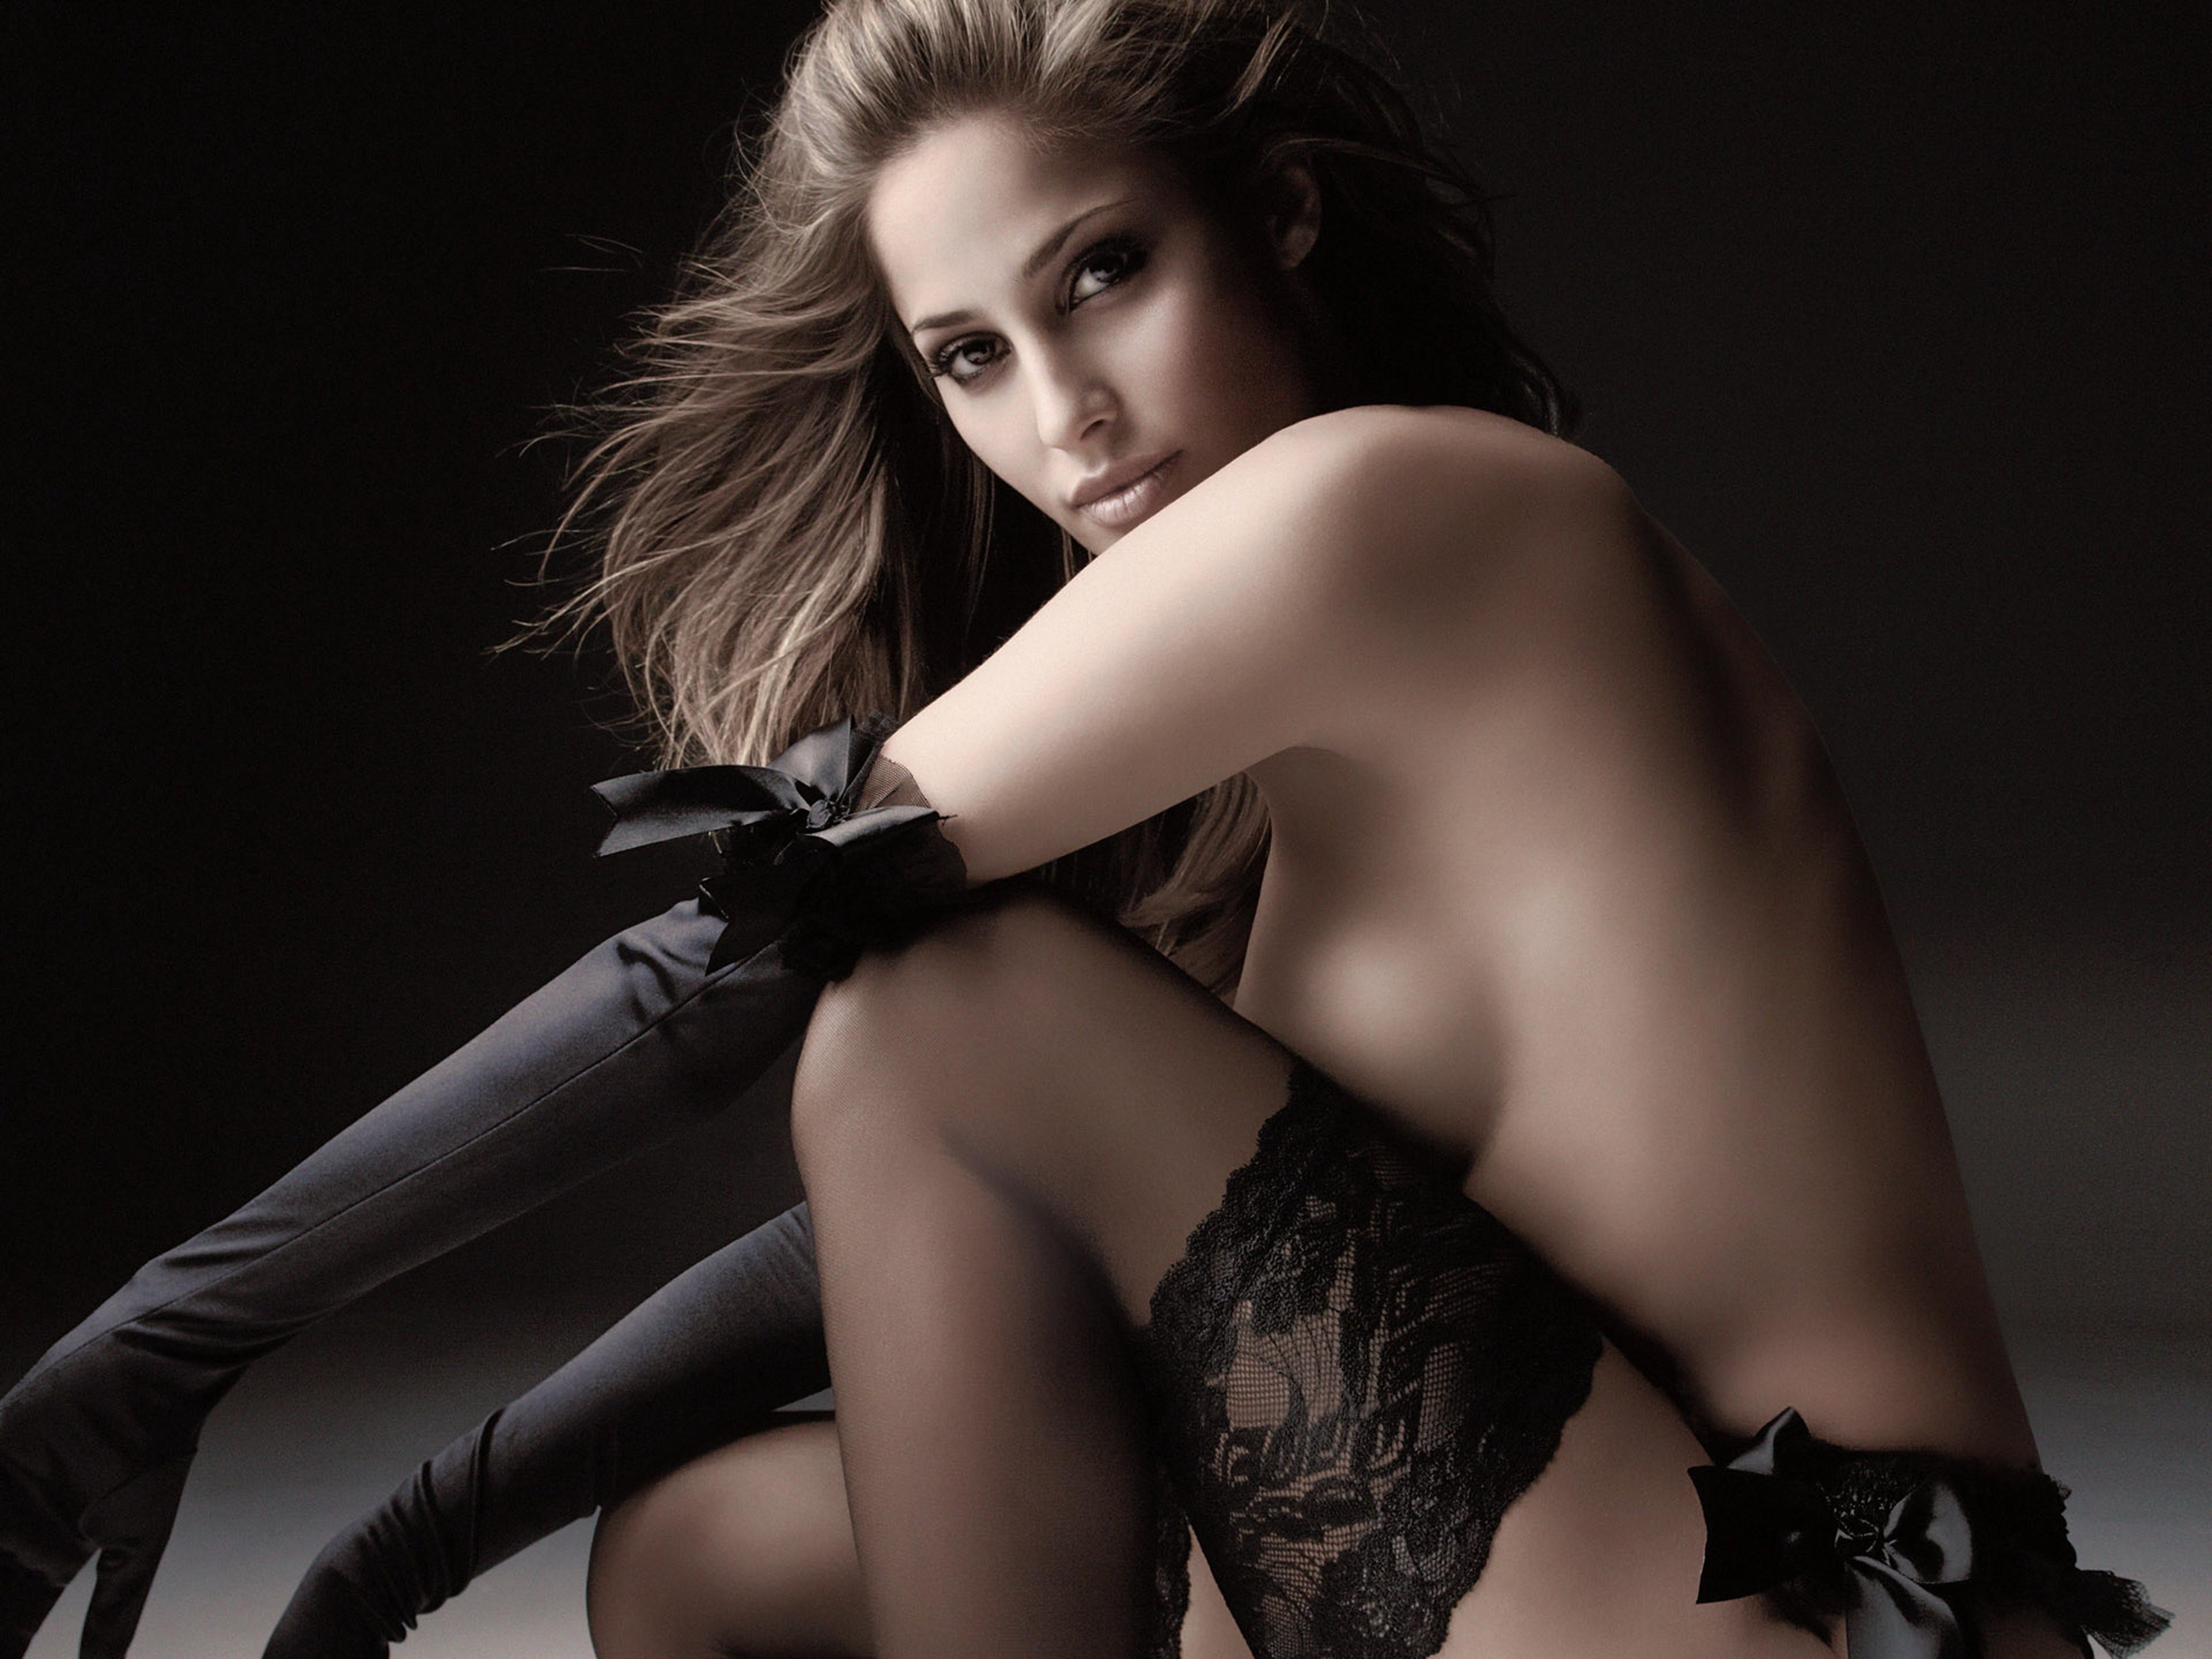 Фото девушки красивых еротических 16 фотография